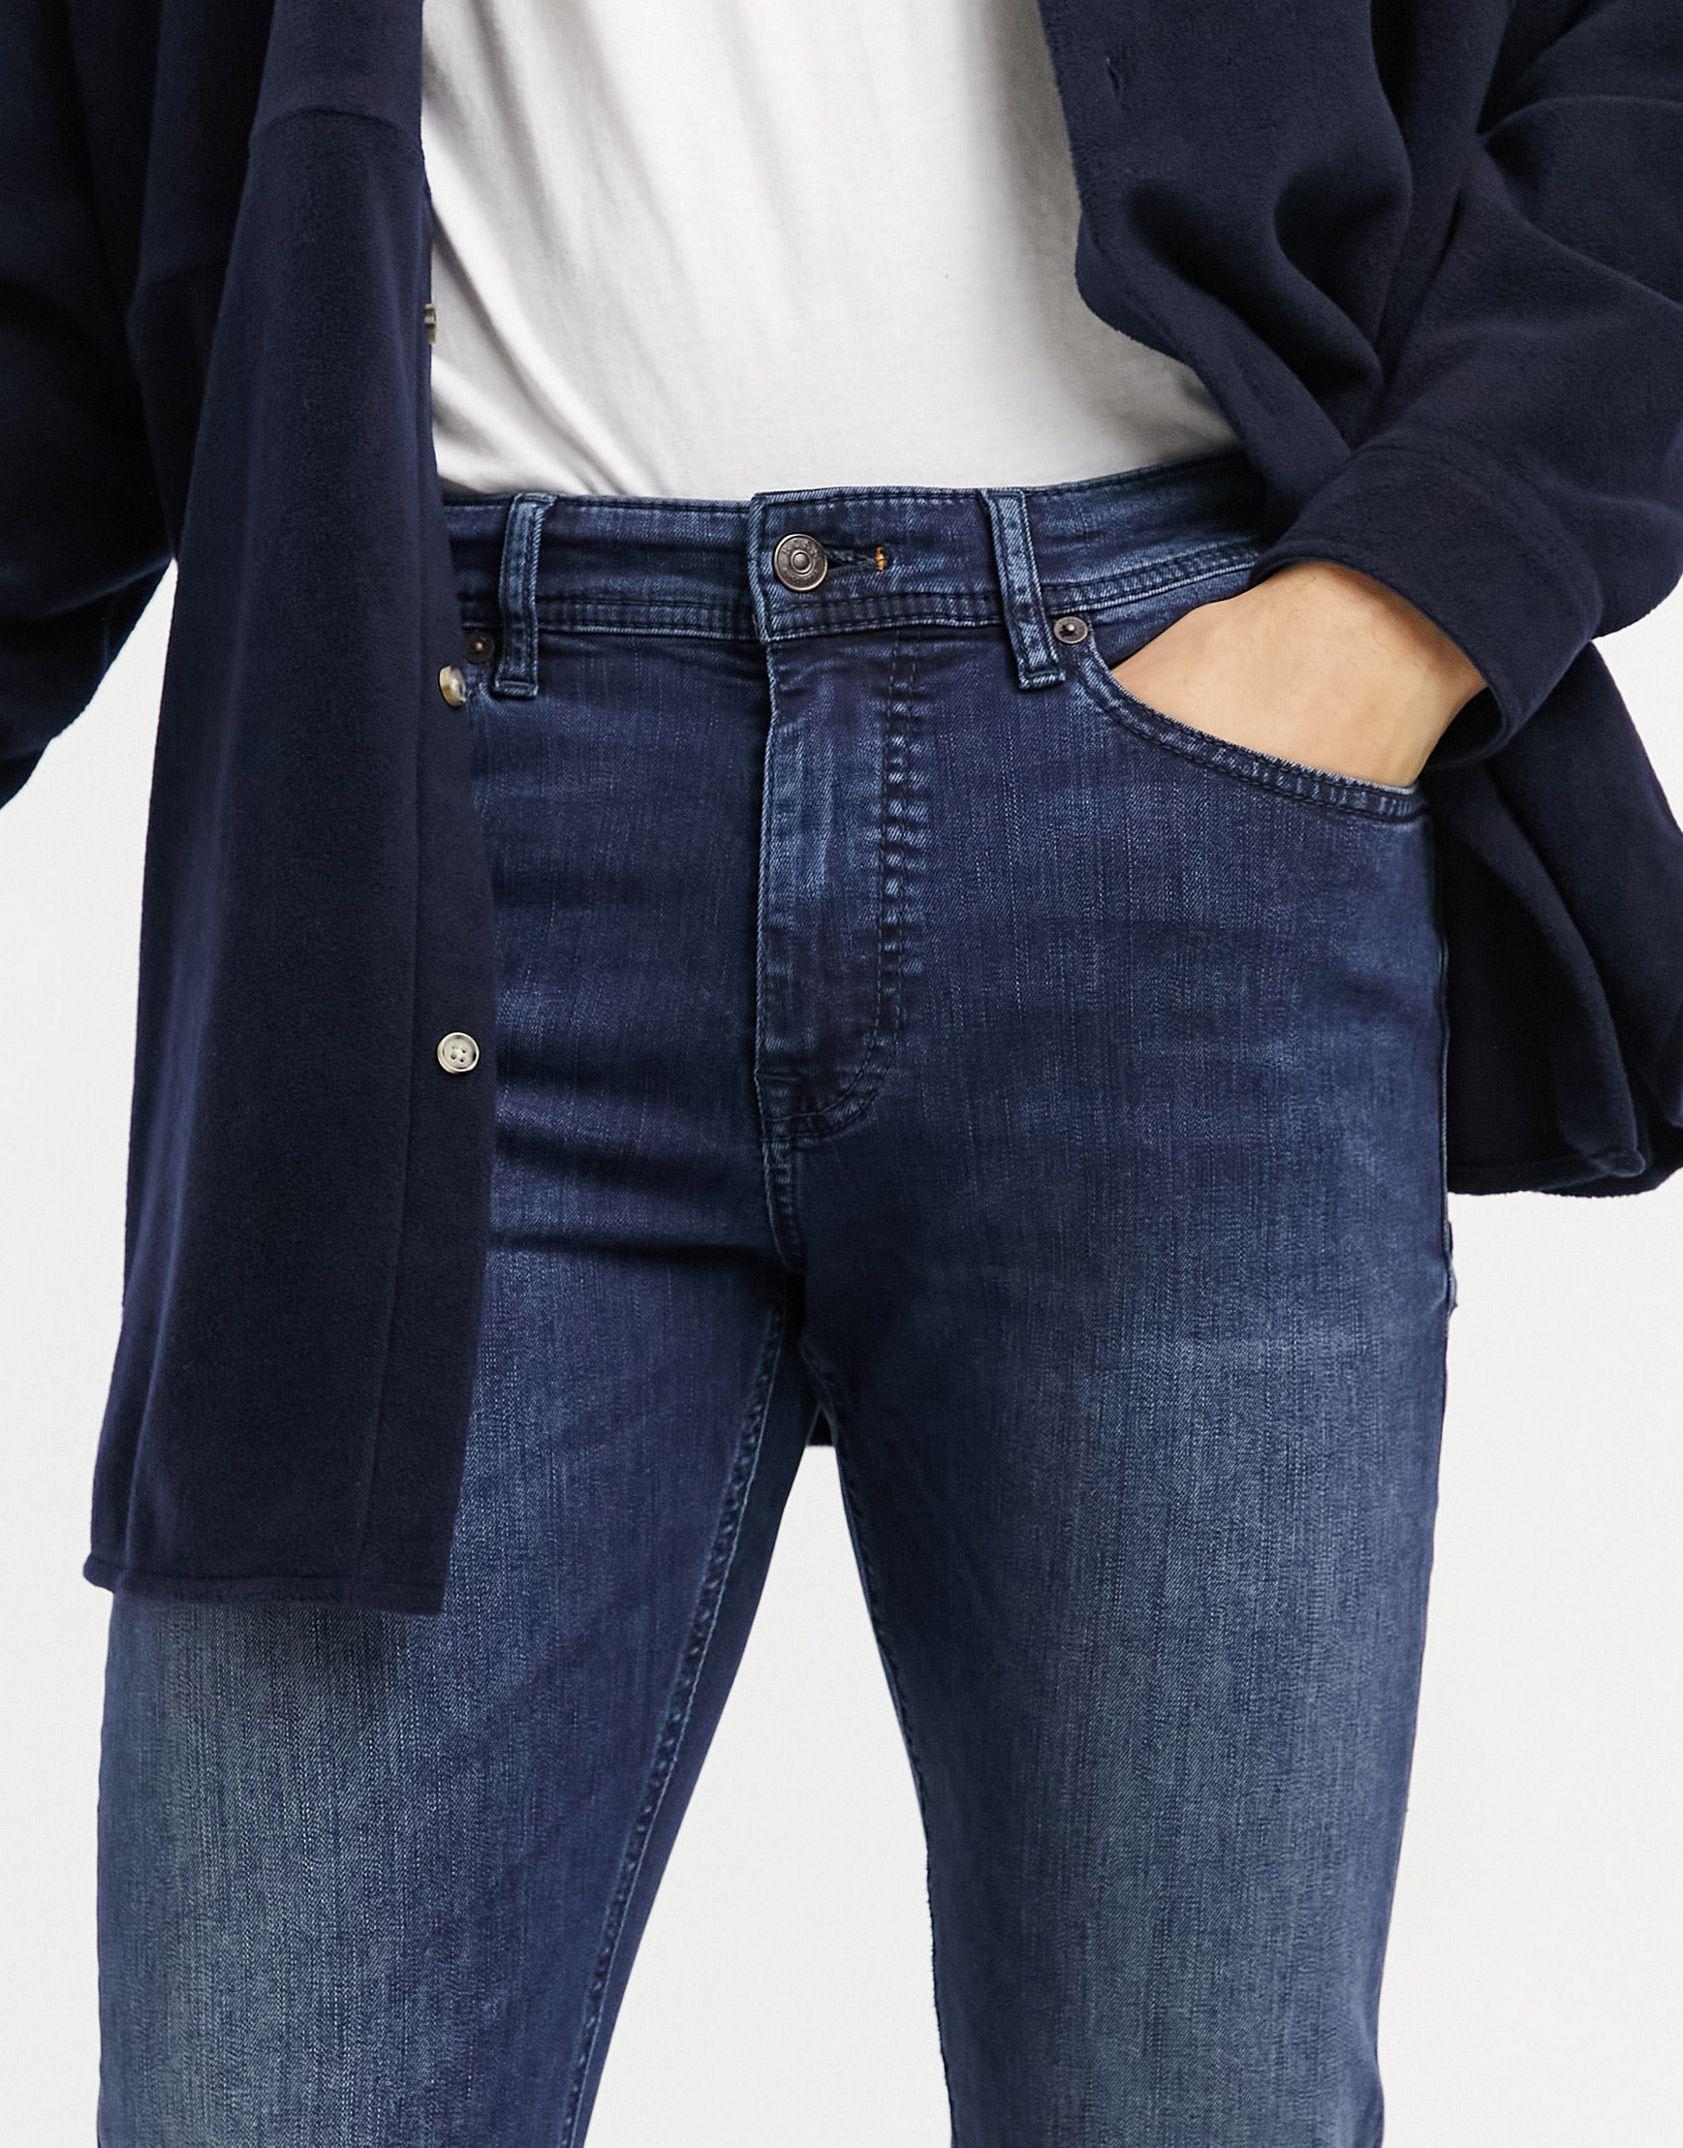 BOSS Delaware slim fit jeans in dark blue -  Price Checker